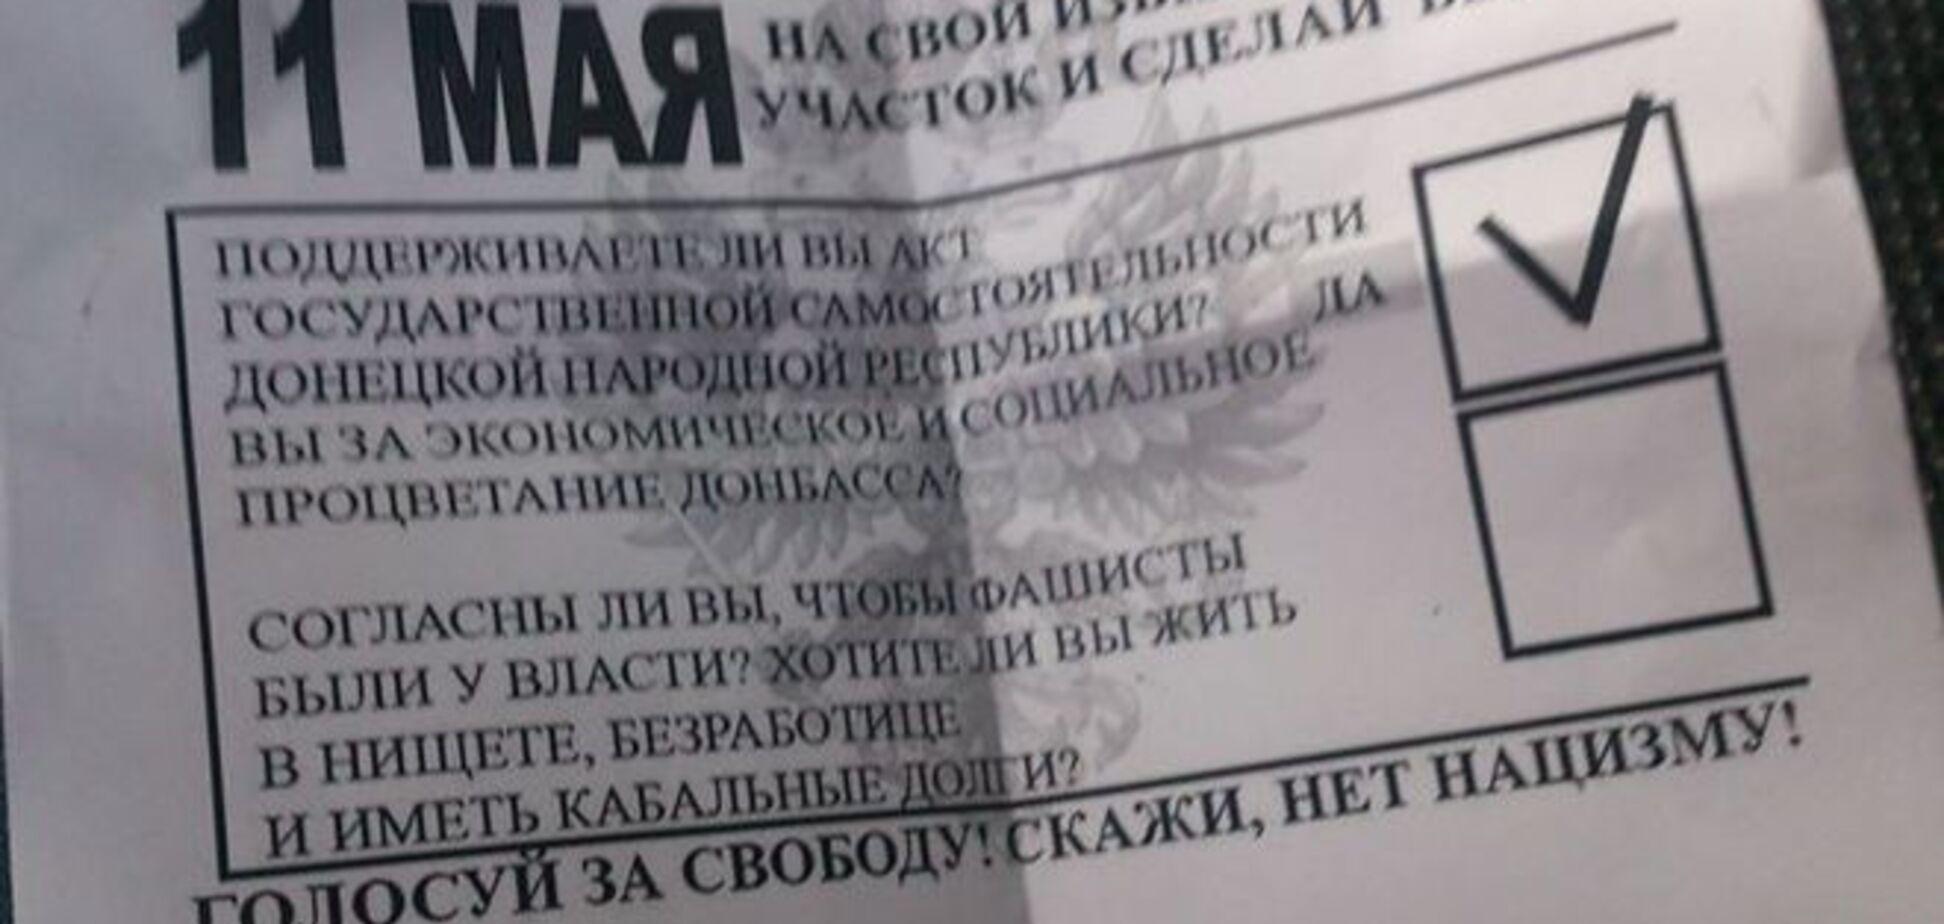 У запрошеннях на 'референдум'! 11 травня донеччанам пропонують вибрати ДНР або 'фашистів'